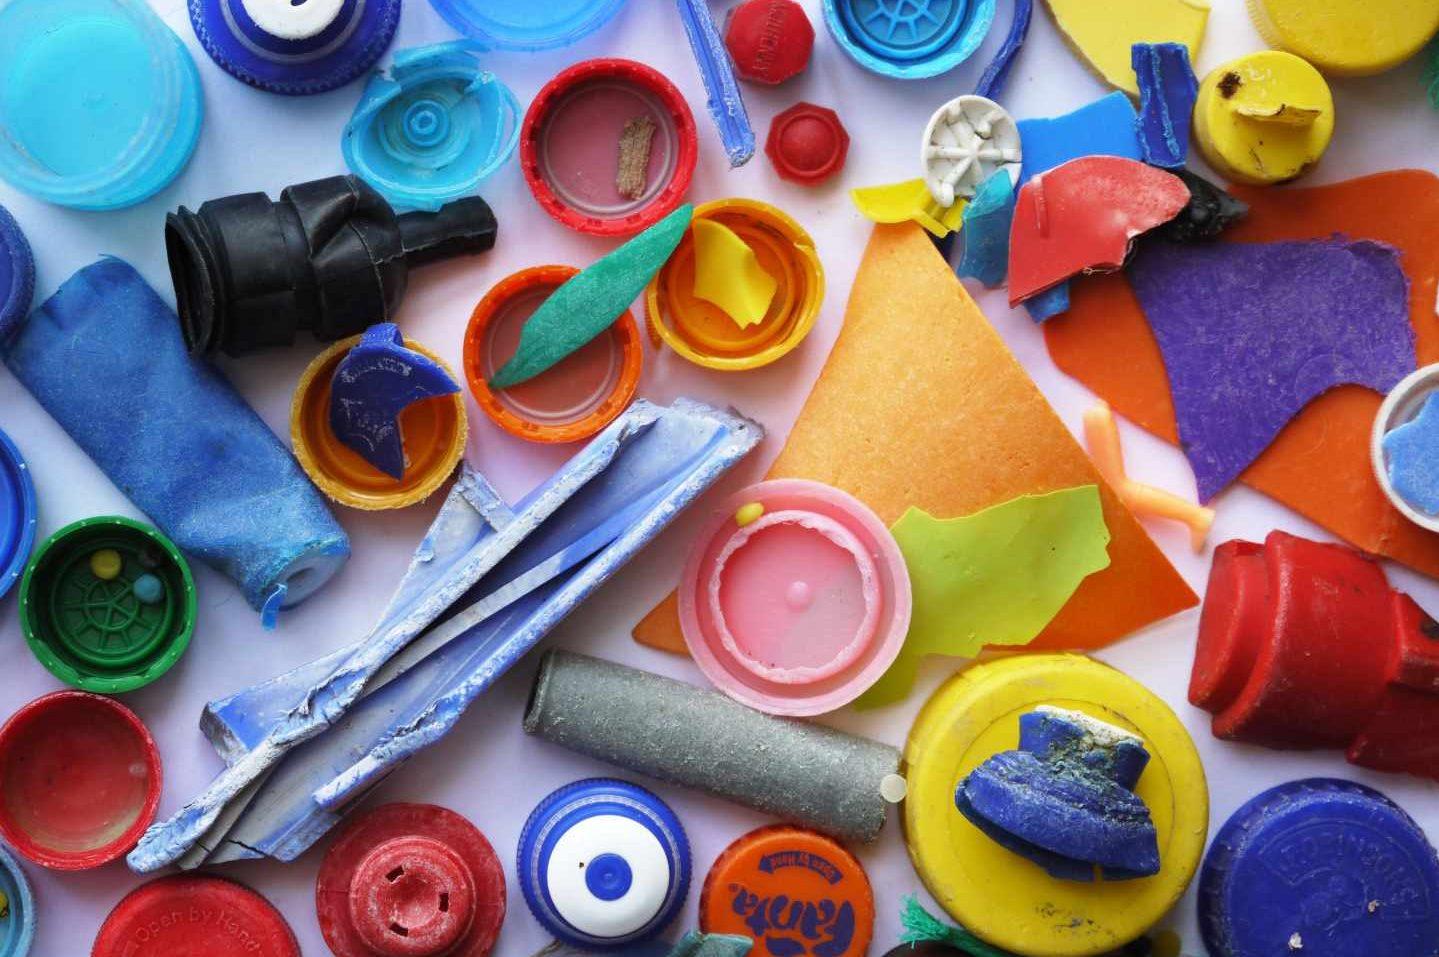 El plástico que no se recicla acaba en tu plato (Pxhere)